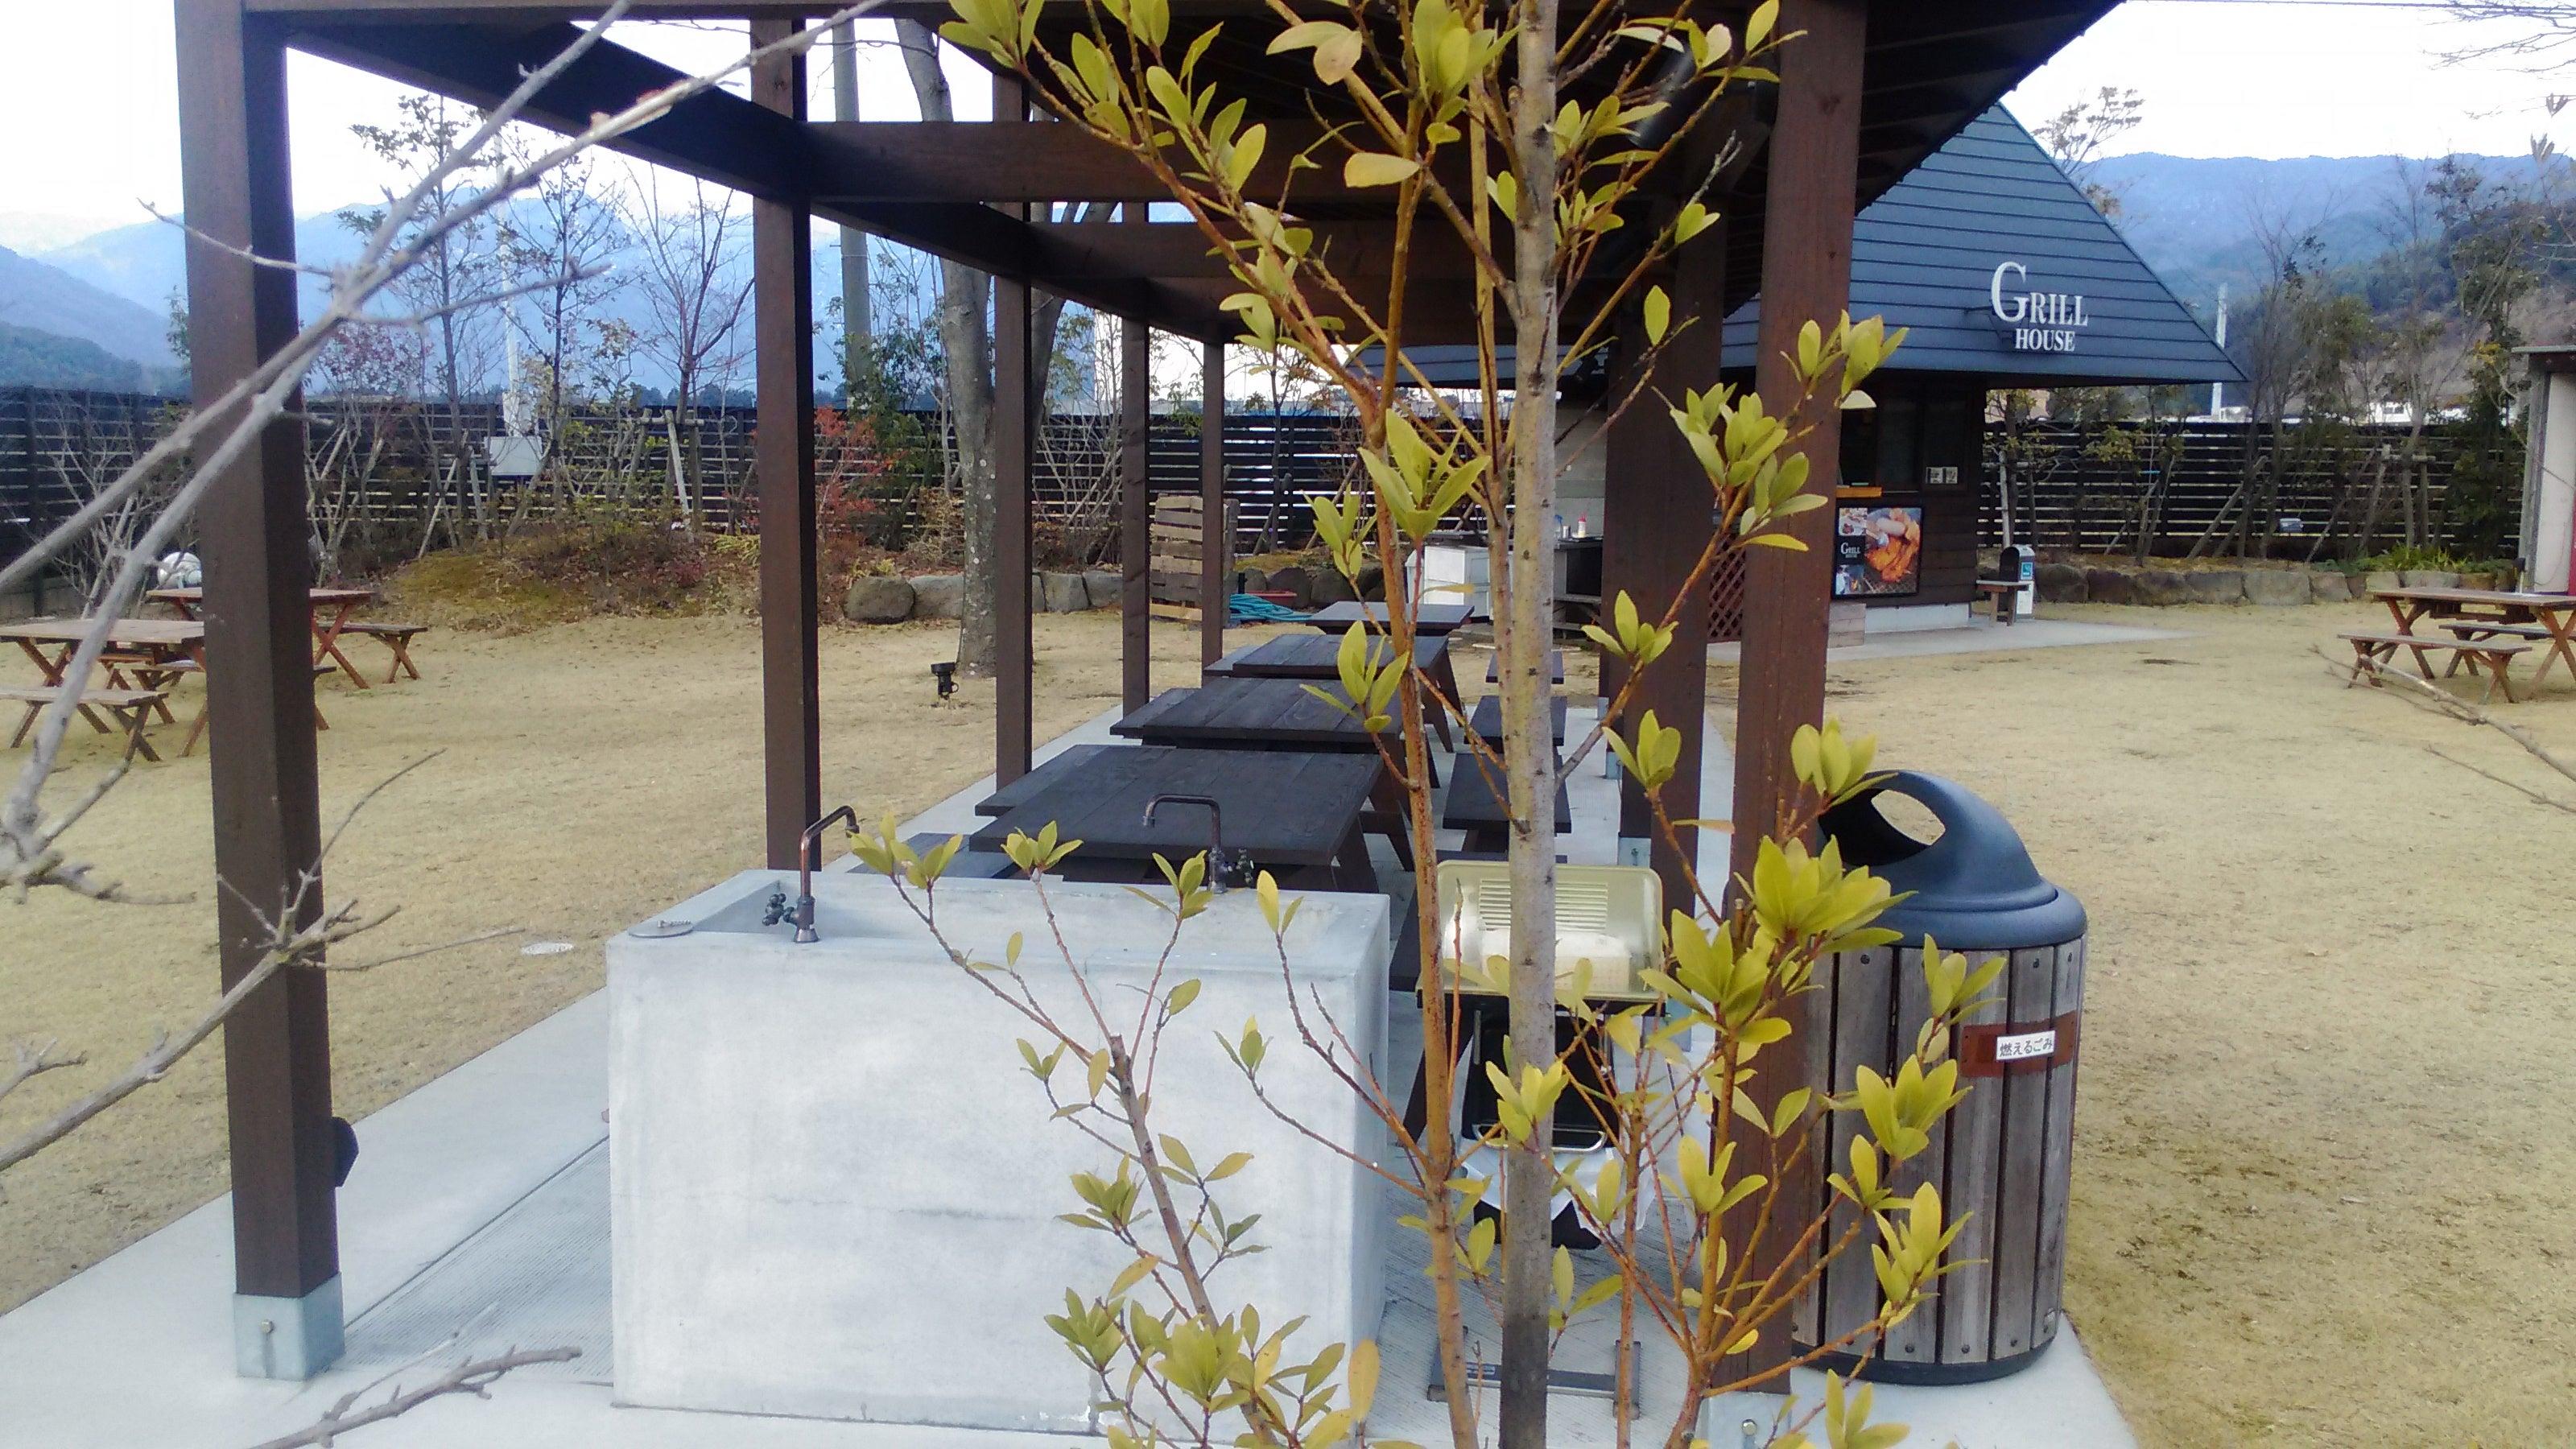 三瀬鶏本舗 グリルハウス前テラス